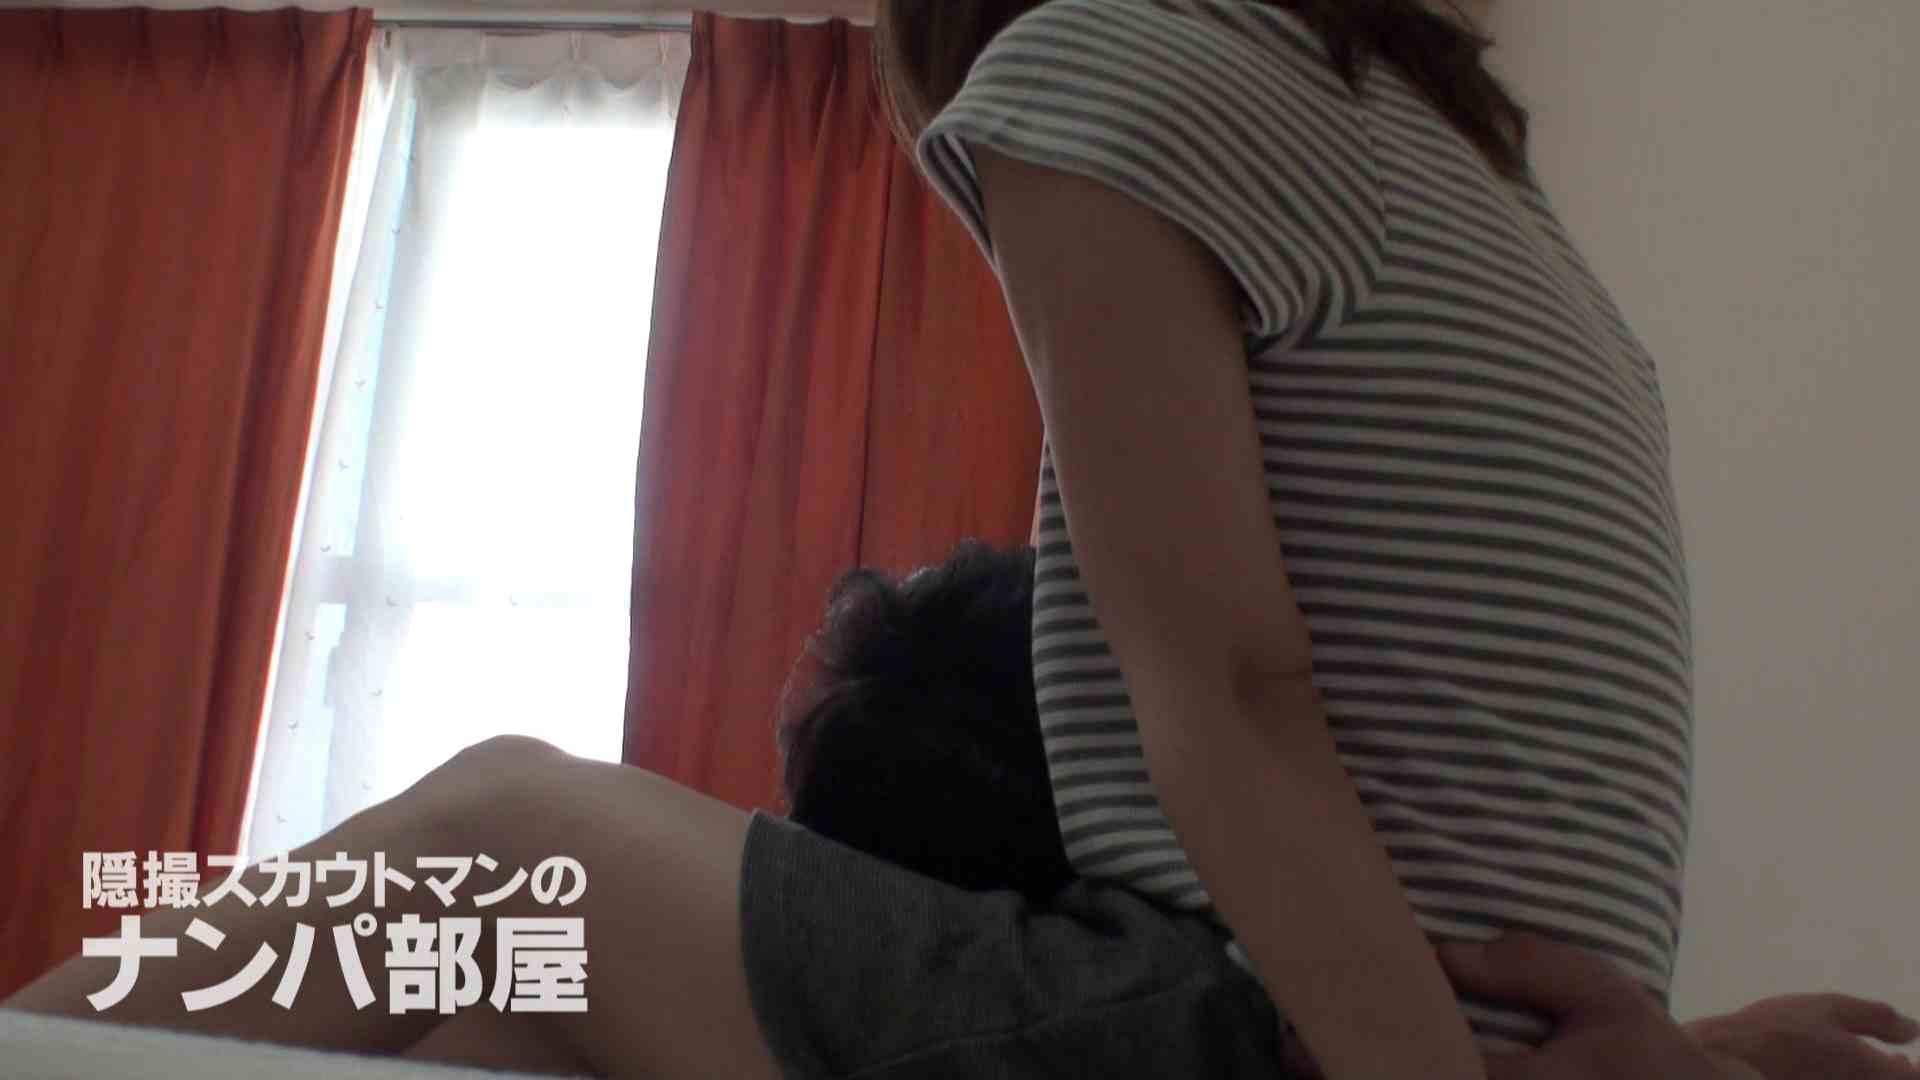 隠撮スカウトマンのナンパ部屋~風俗デビュー前のつまみ食い~ siivol.3 エッチなOL | ナンパ  74pic 45